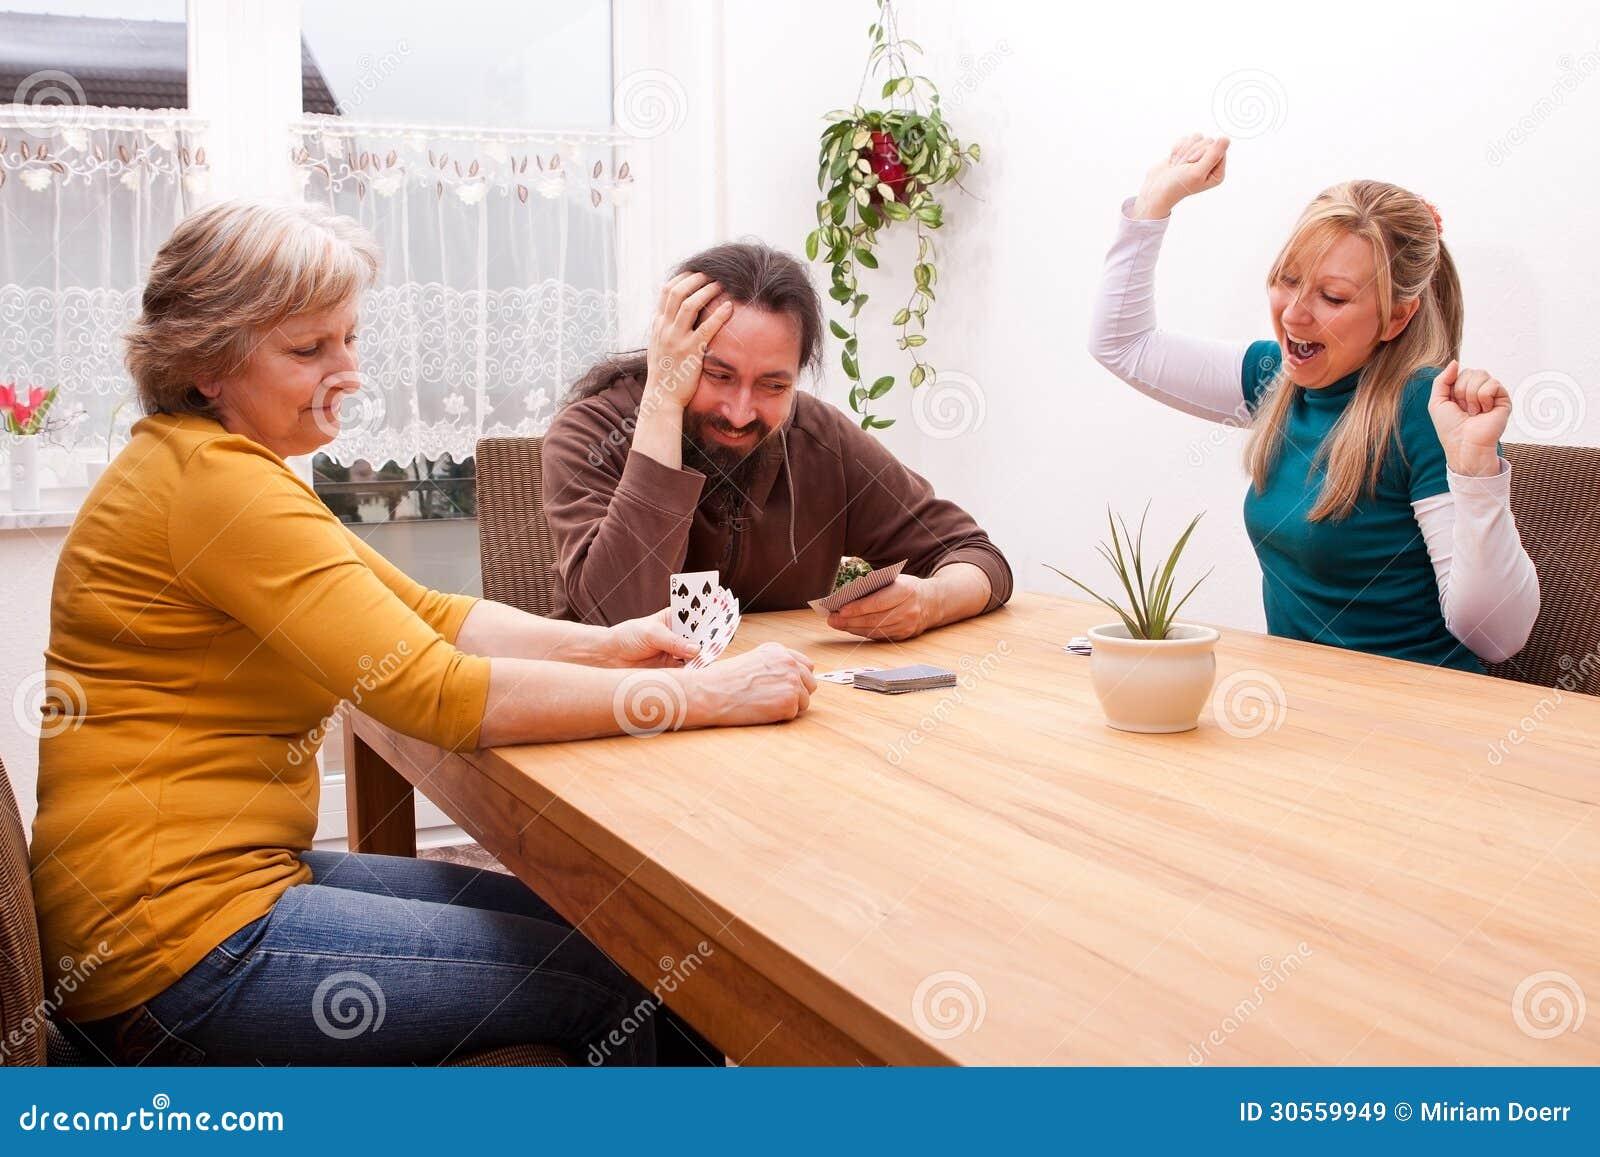 De familie speelt spelen en heeft pret